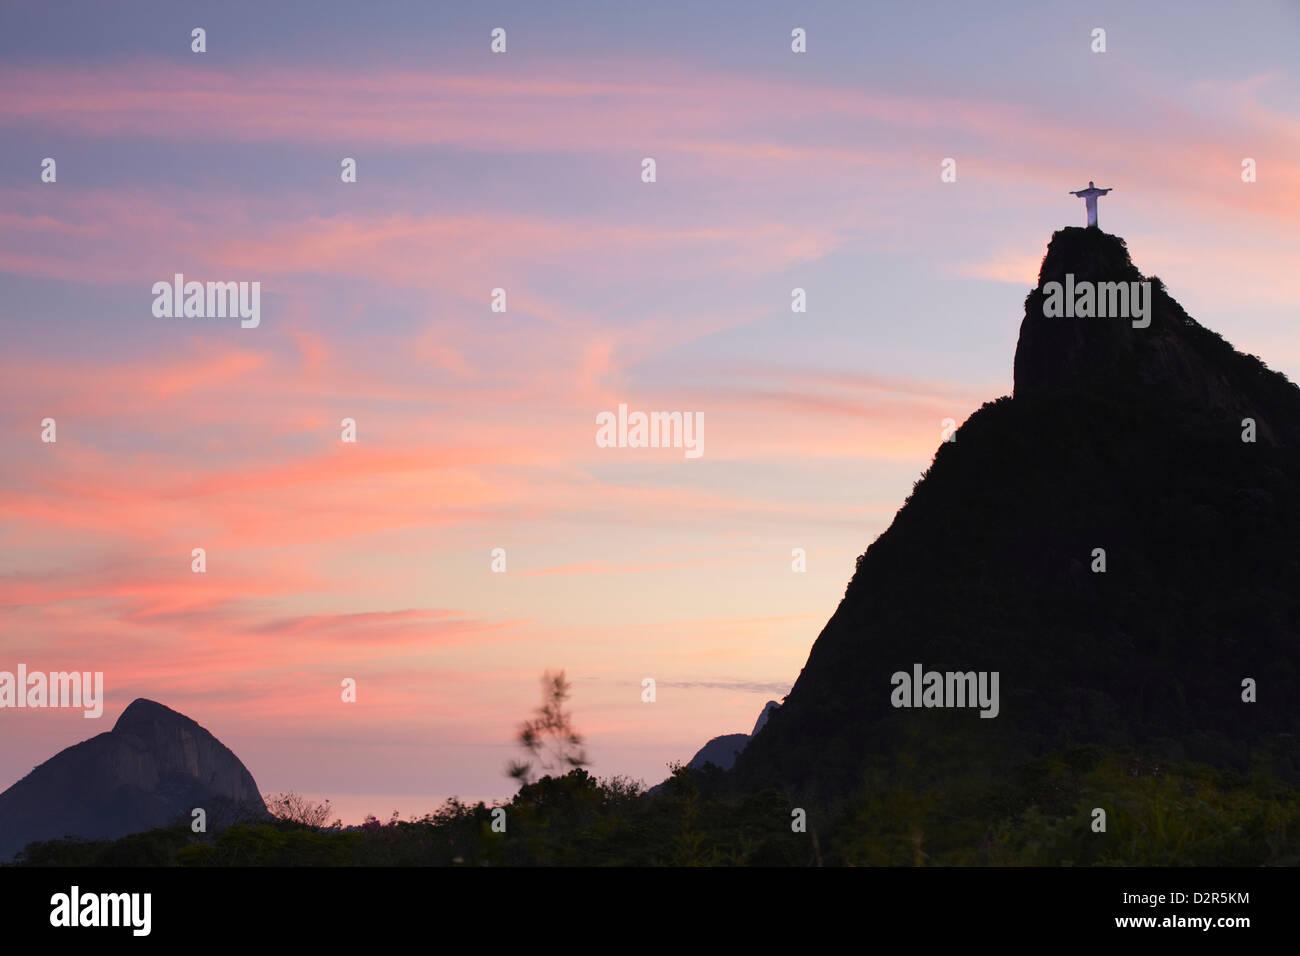 Cristo Redentore statua (Cristo Redentor) al tramonto, Corvocado, Rio de Janeiro, Brasile, Sud America Immagini Stock